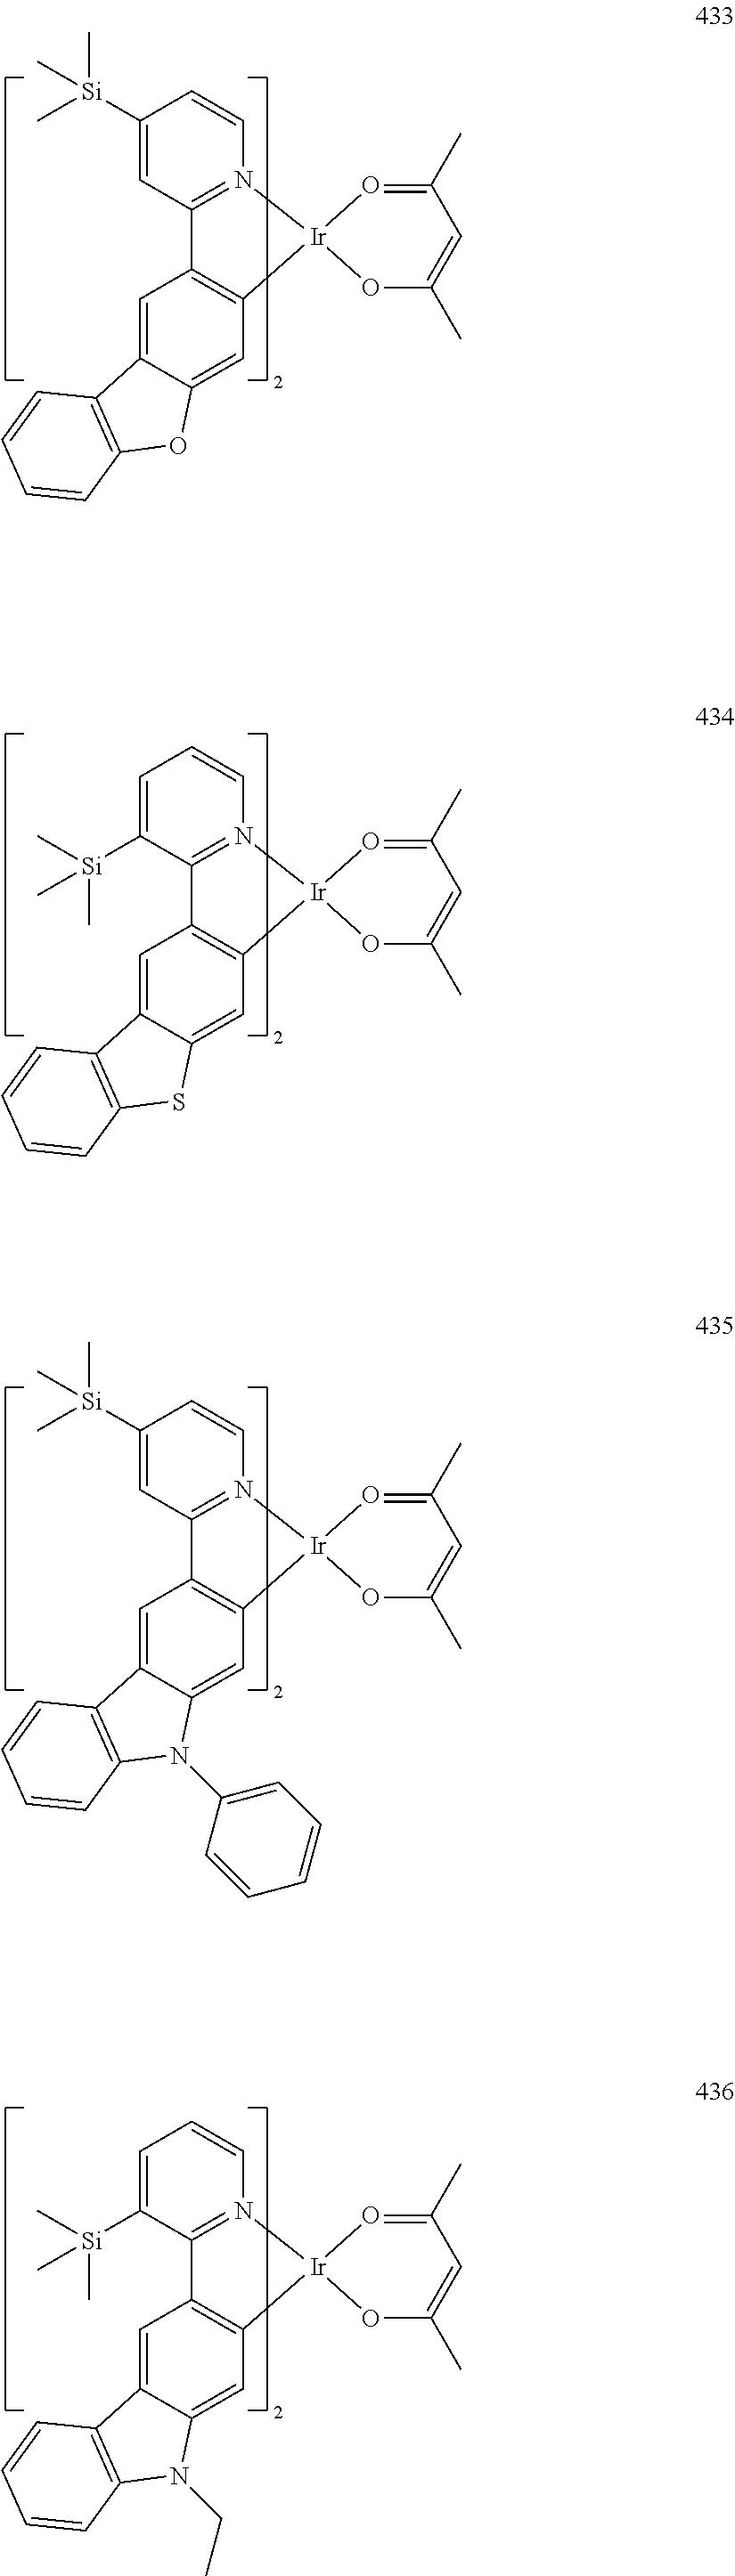 Figure US20160155962A1-20160602-C00190